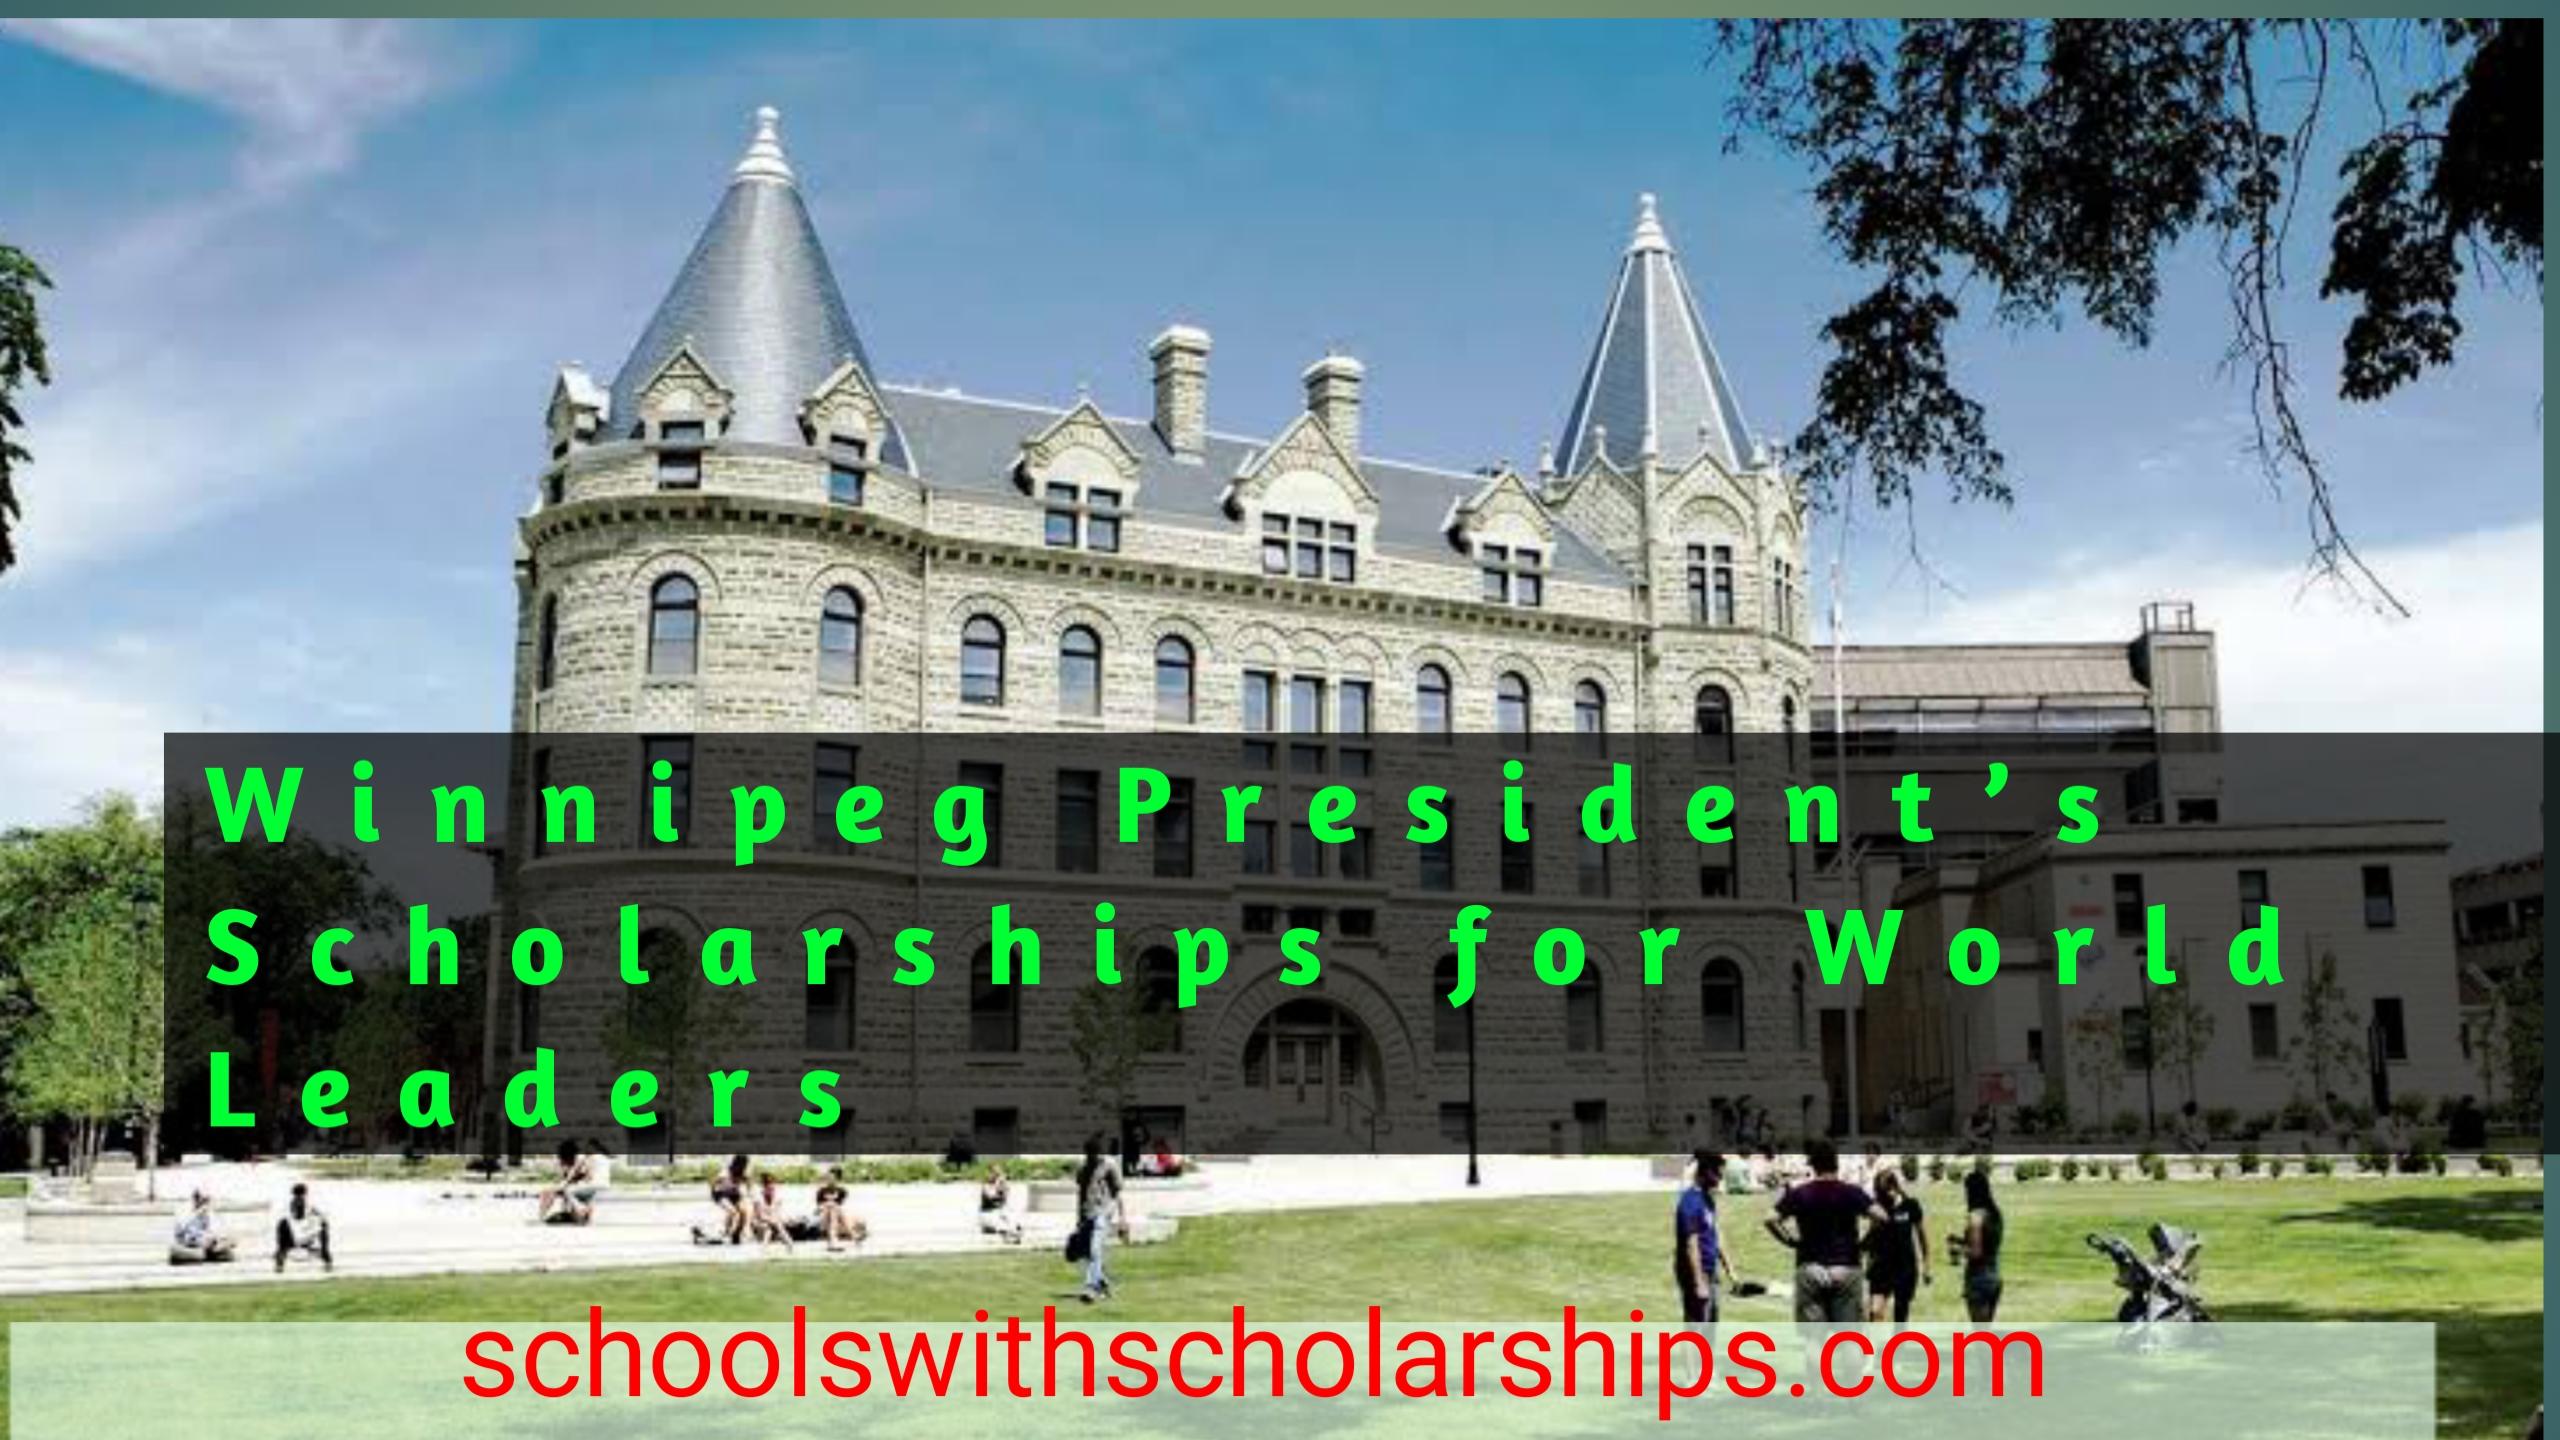 Winnipeg President's Scholarships for World Leaders